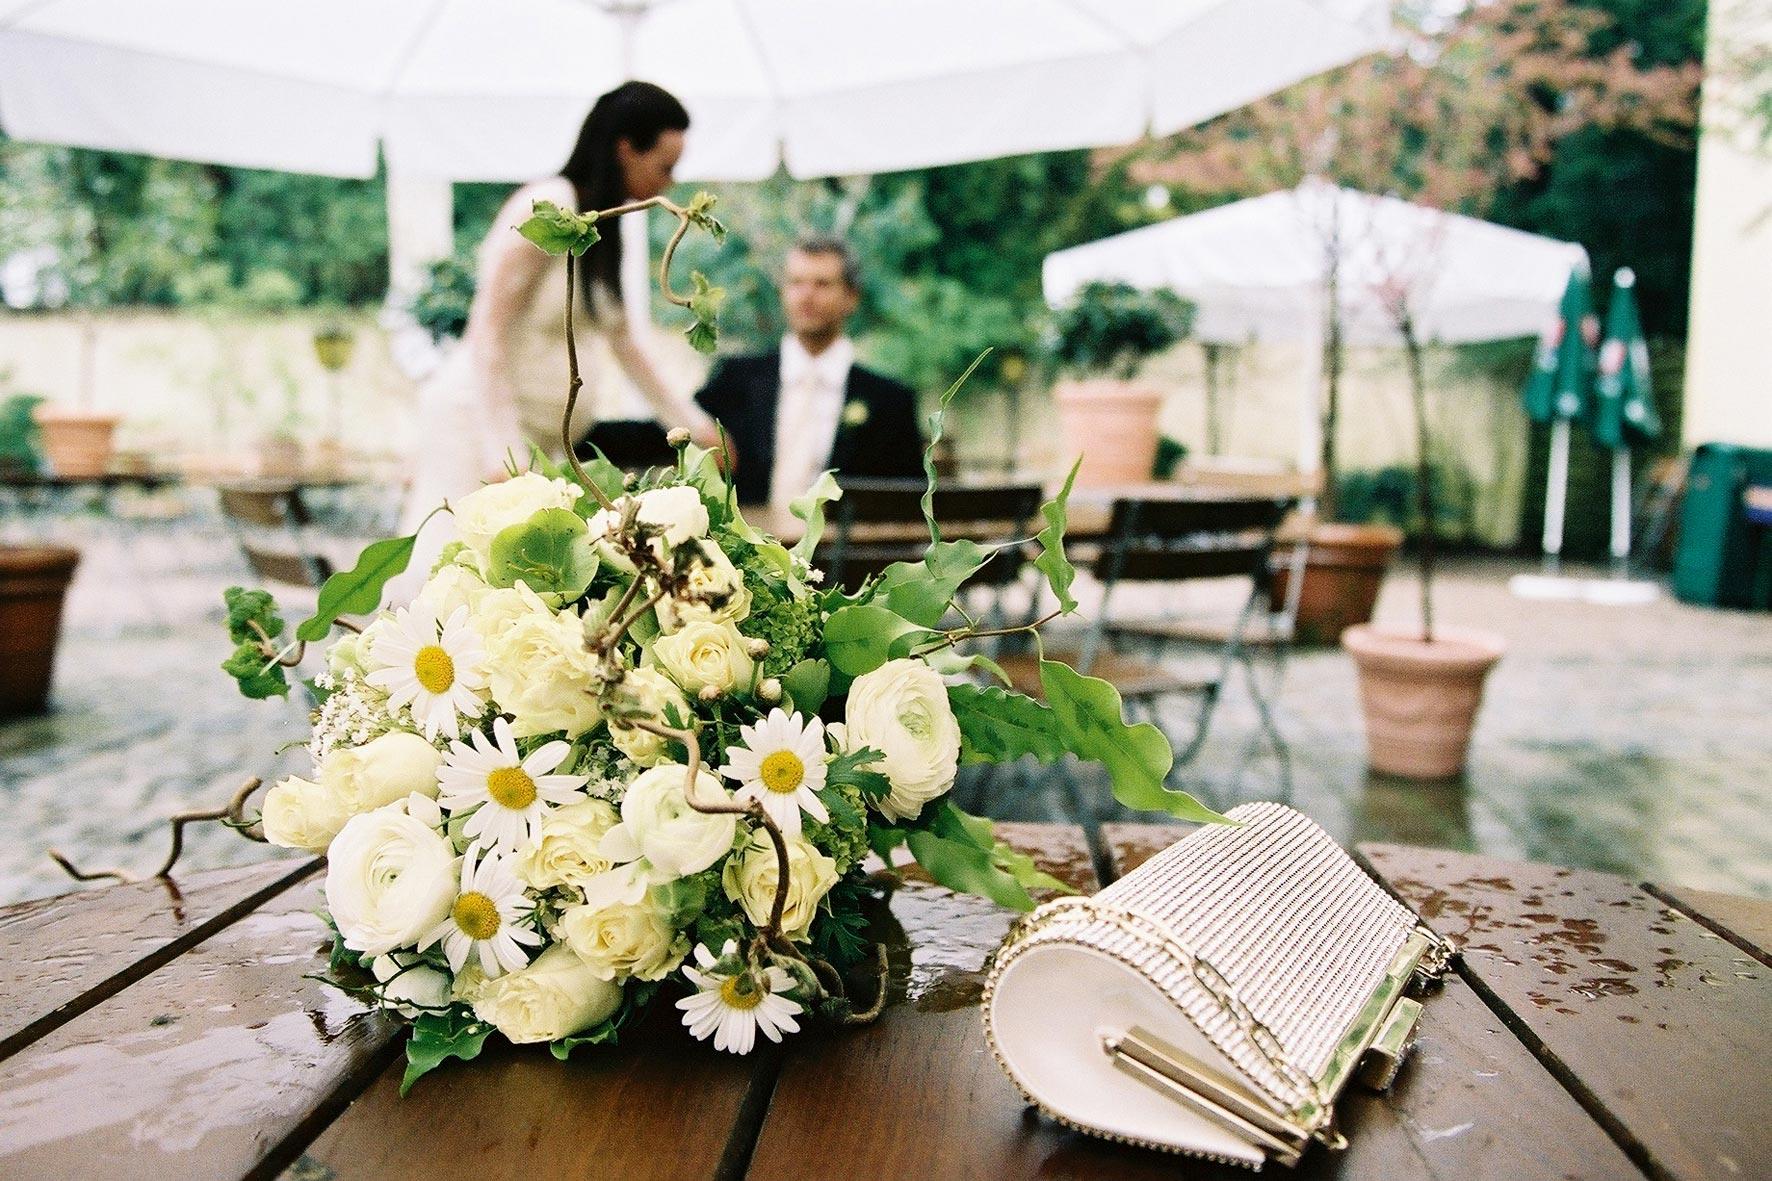 Private Feiern Hochzeit